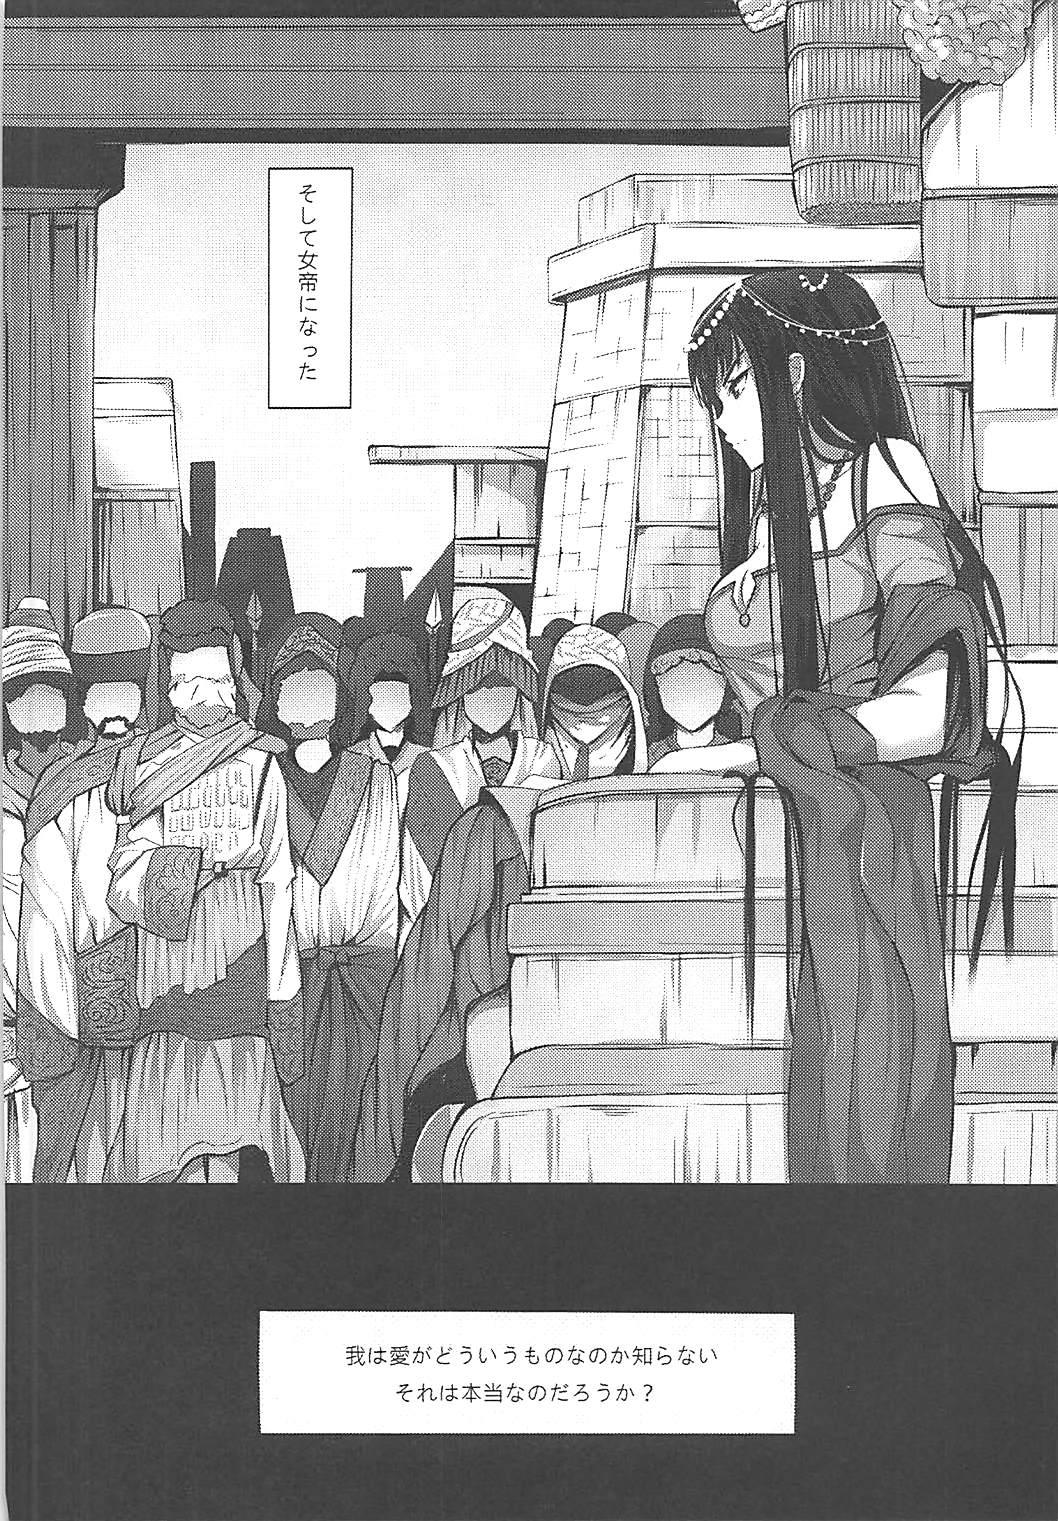 【エロ同人誌 Fate Apocrypha】セミラミスに薬漬けにされて逆レイプされるアストルフォwww【無料 エロ漫画】 (10)